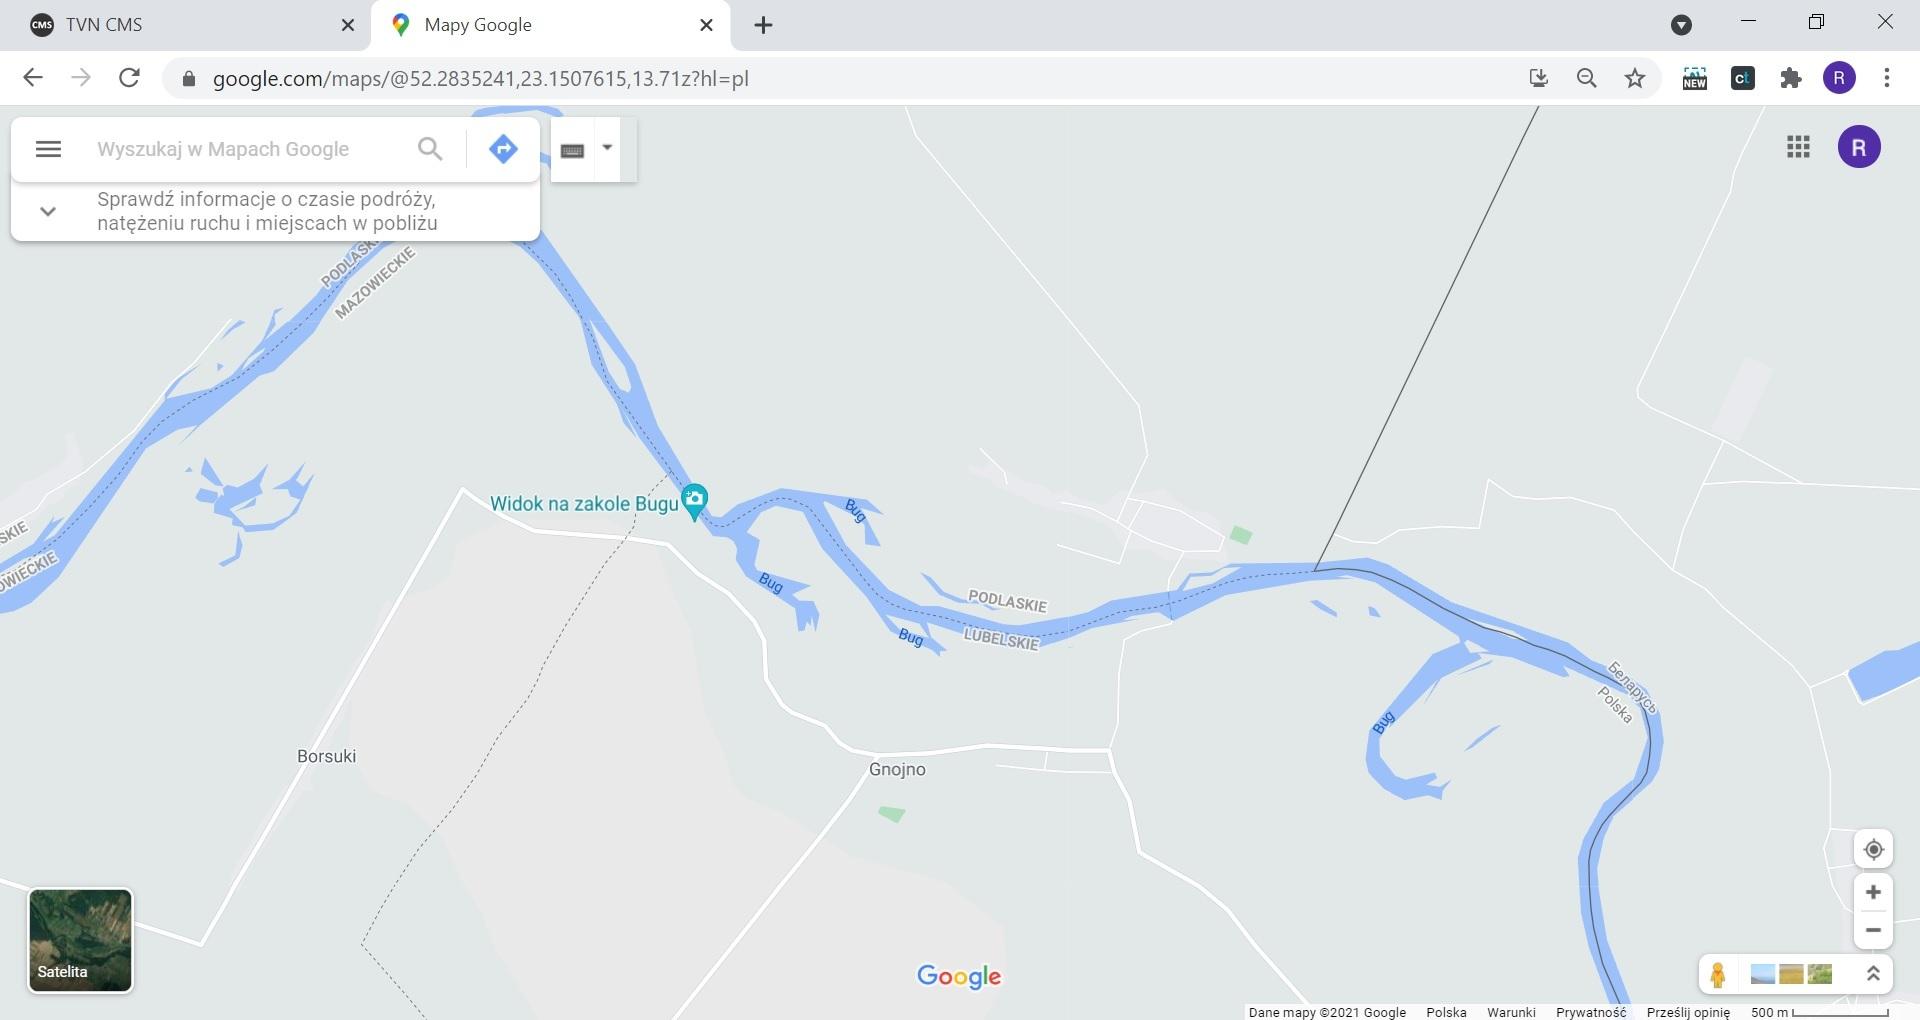 Od granicy powiatu łosickiego do Białorusi jest jeszcze parę kilometrów. Rzeką Bug biegnie granica między województwami podlaskim i lubelskim